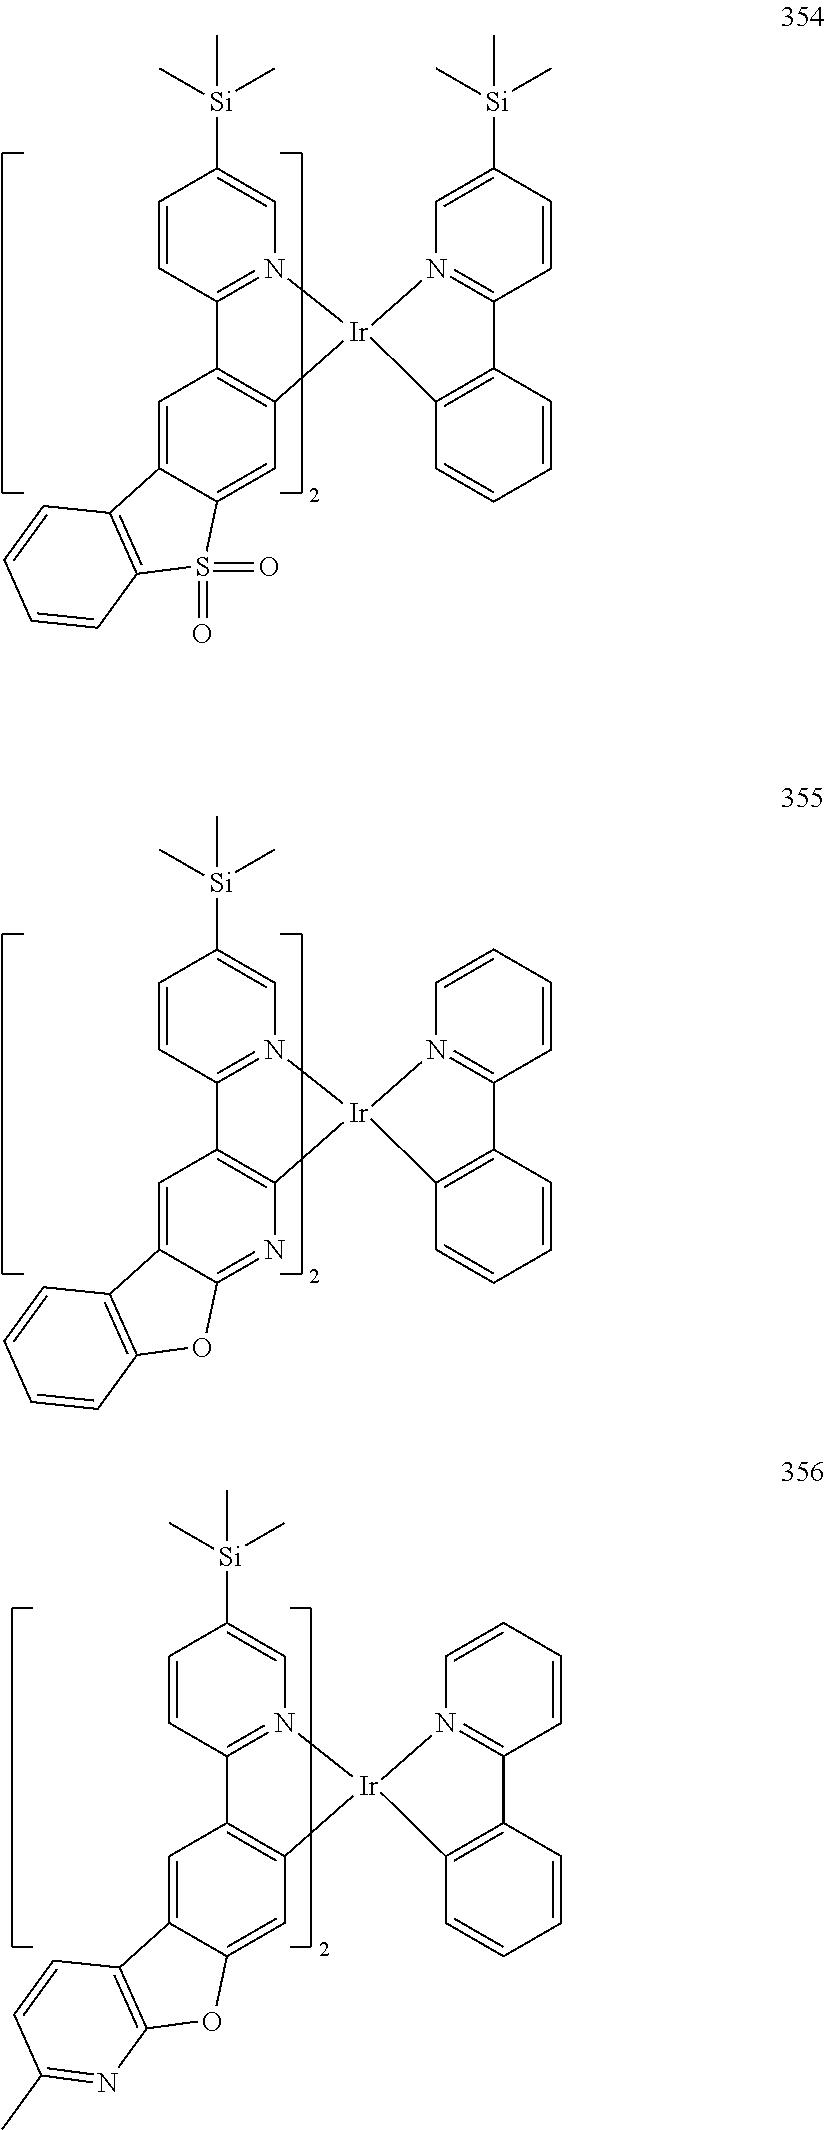 Figure US20160155962A1-20160602-C00169